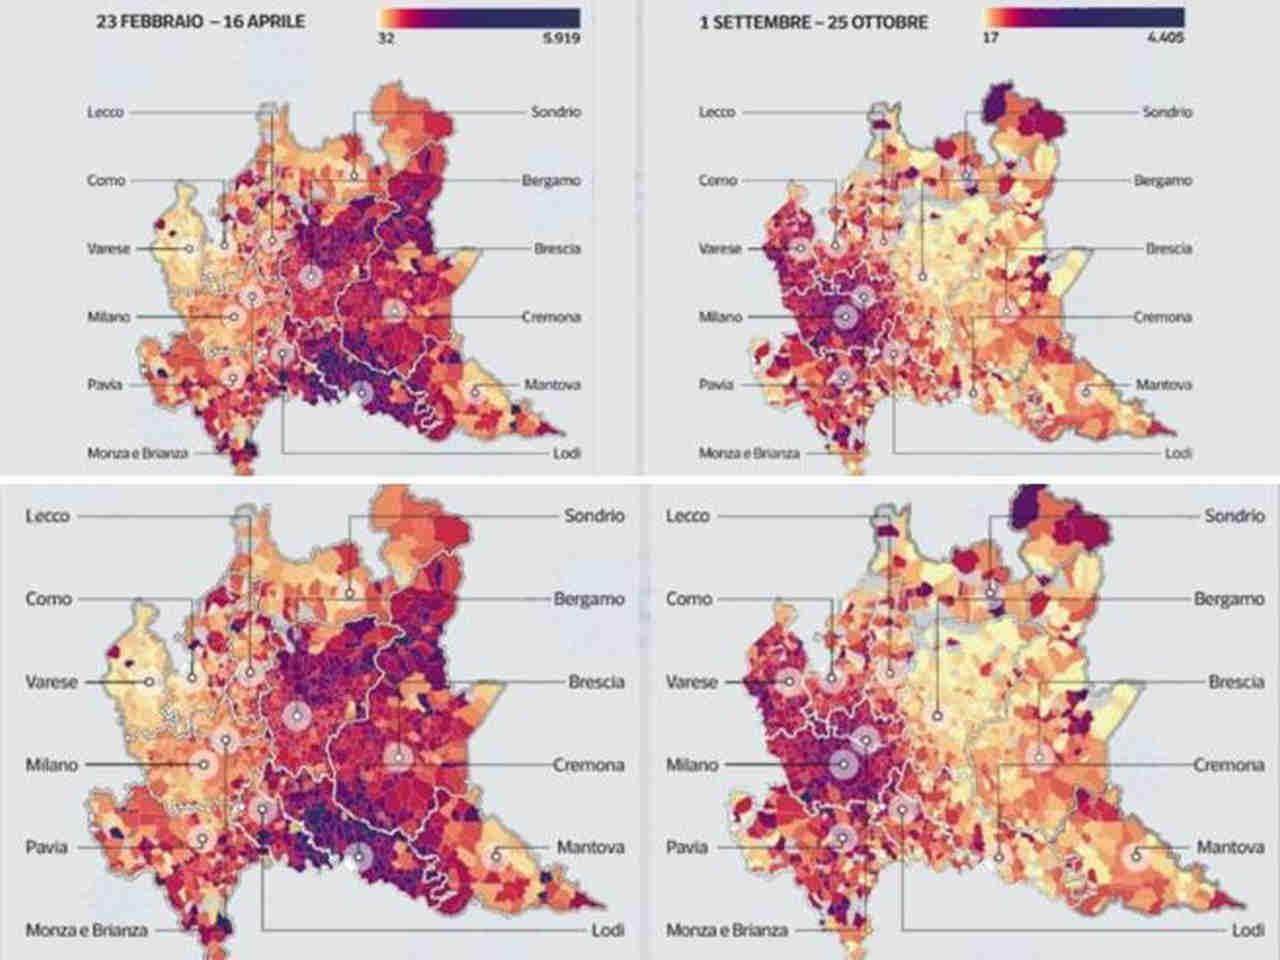 Il confronto delle due ondate di epidemia in Lombardia. A sinistra l'incidenza del virus in primavera, a destra la situazione recente